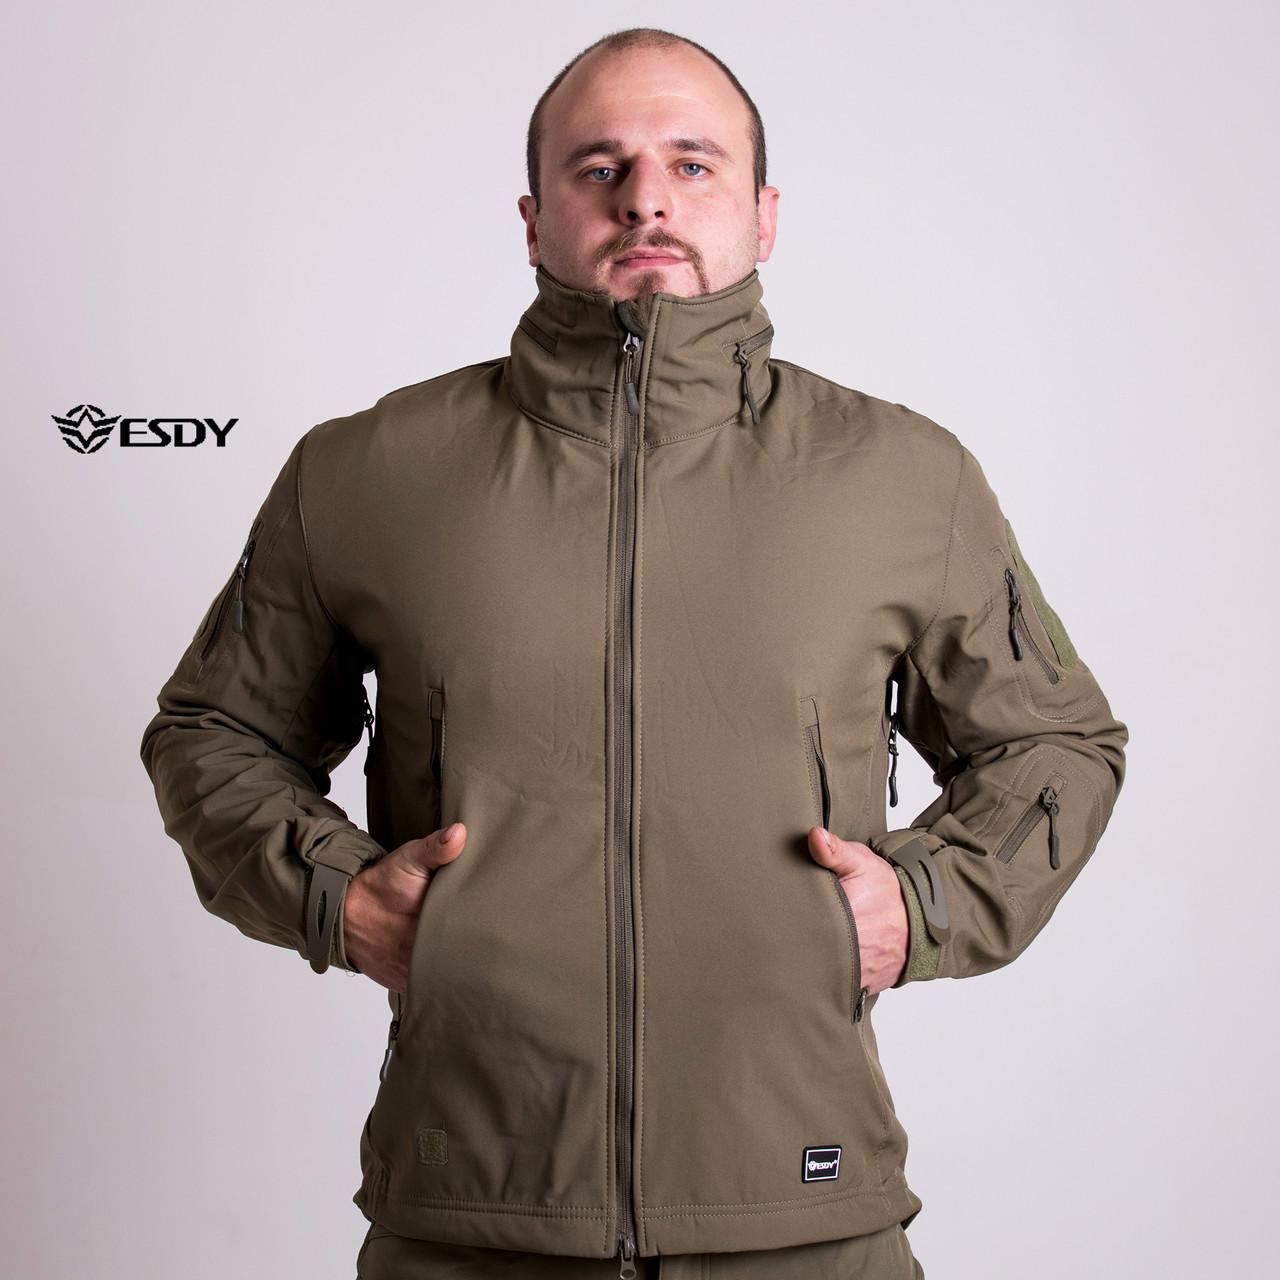 Тактическая Куртка Soft Shell ESDY TAC.-02 Olive непромокаемая 3XL